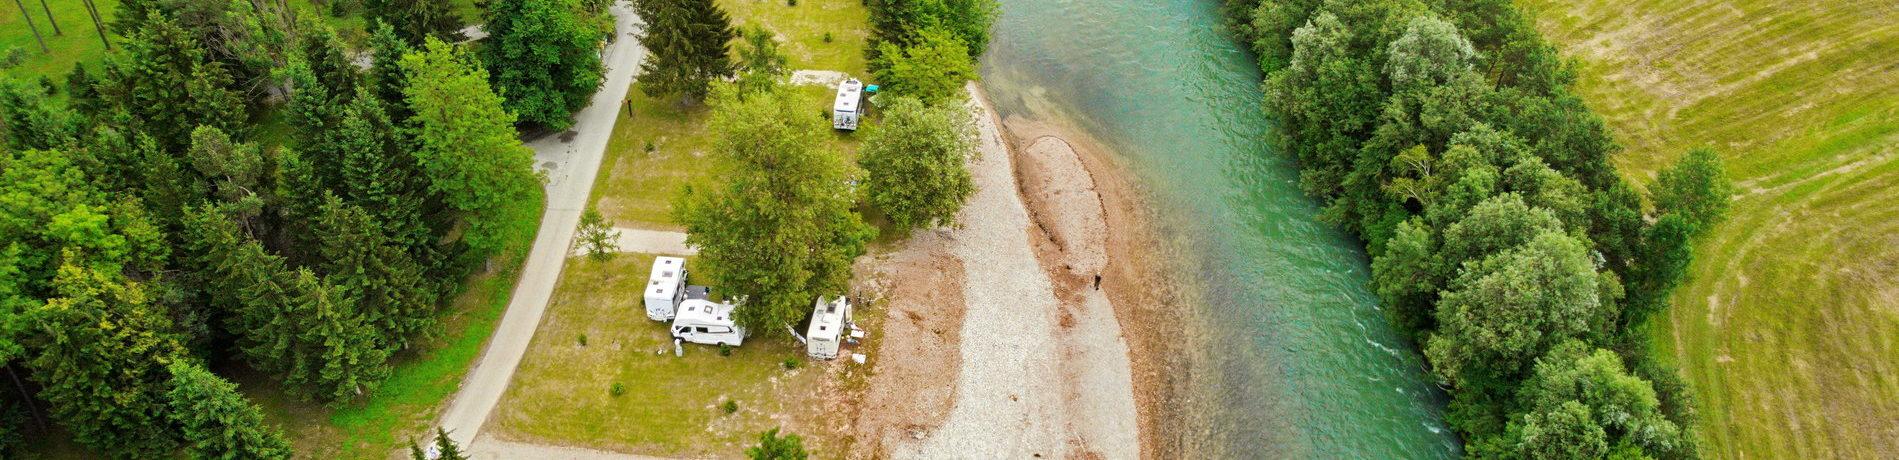 Camping Šobec in Slovenië, uw plek in de natuur! Breng uw vakantie door in het hart van de ongerepte Sloveense natuur en ontdek de Julische Alpen.